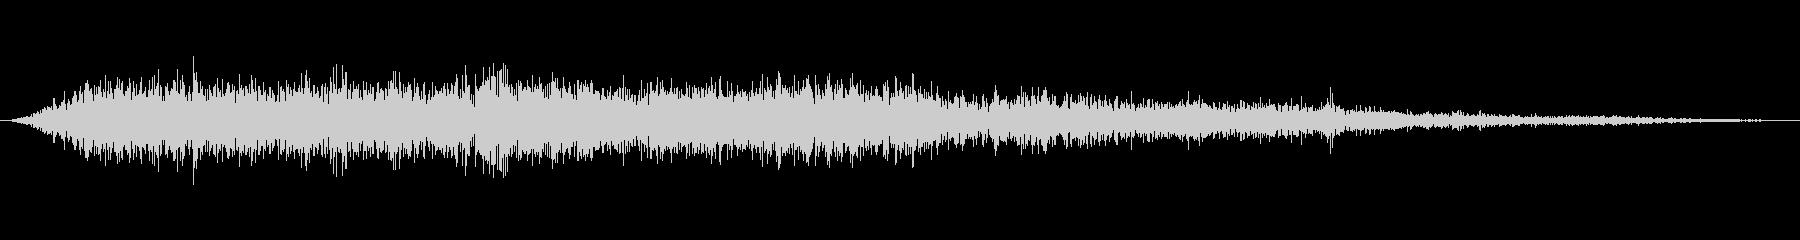 シューッという音EC07_88_6 2の未再生の波形